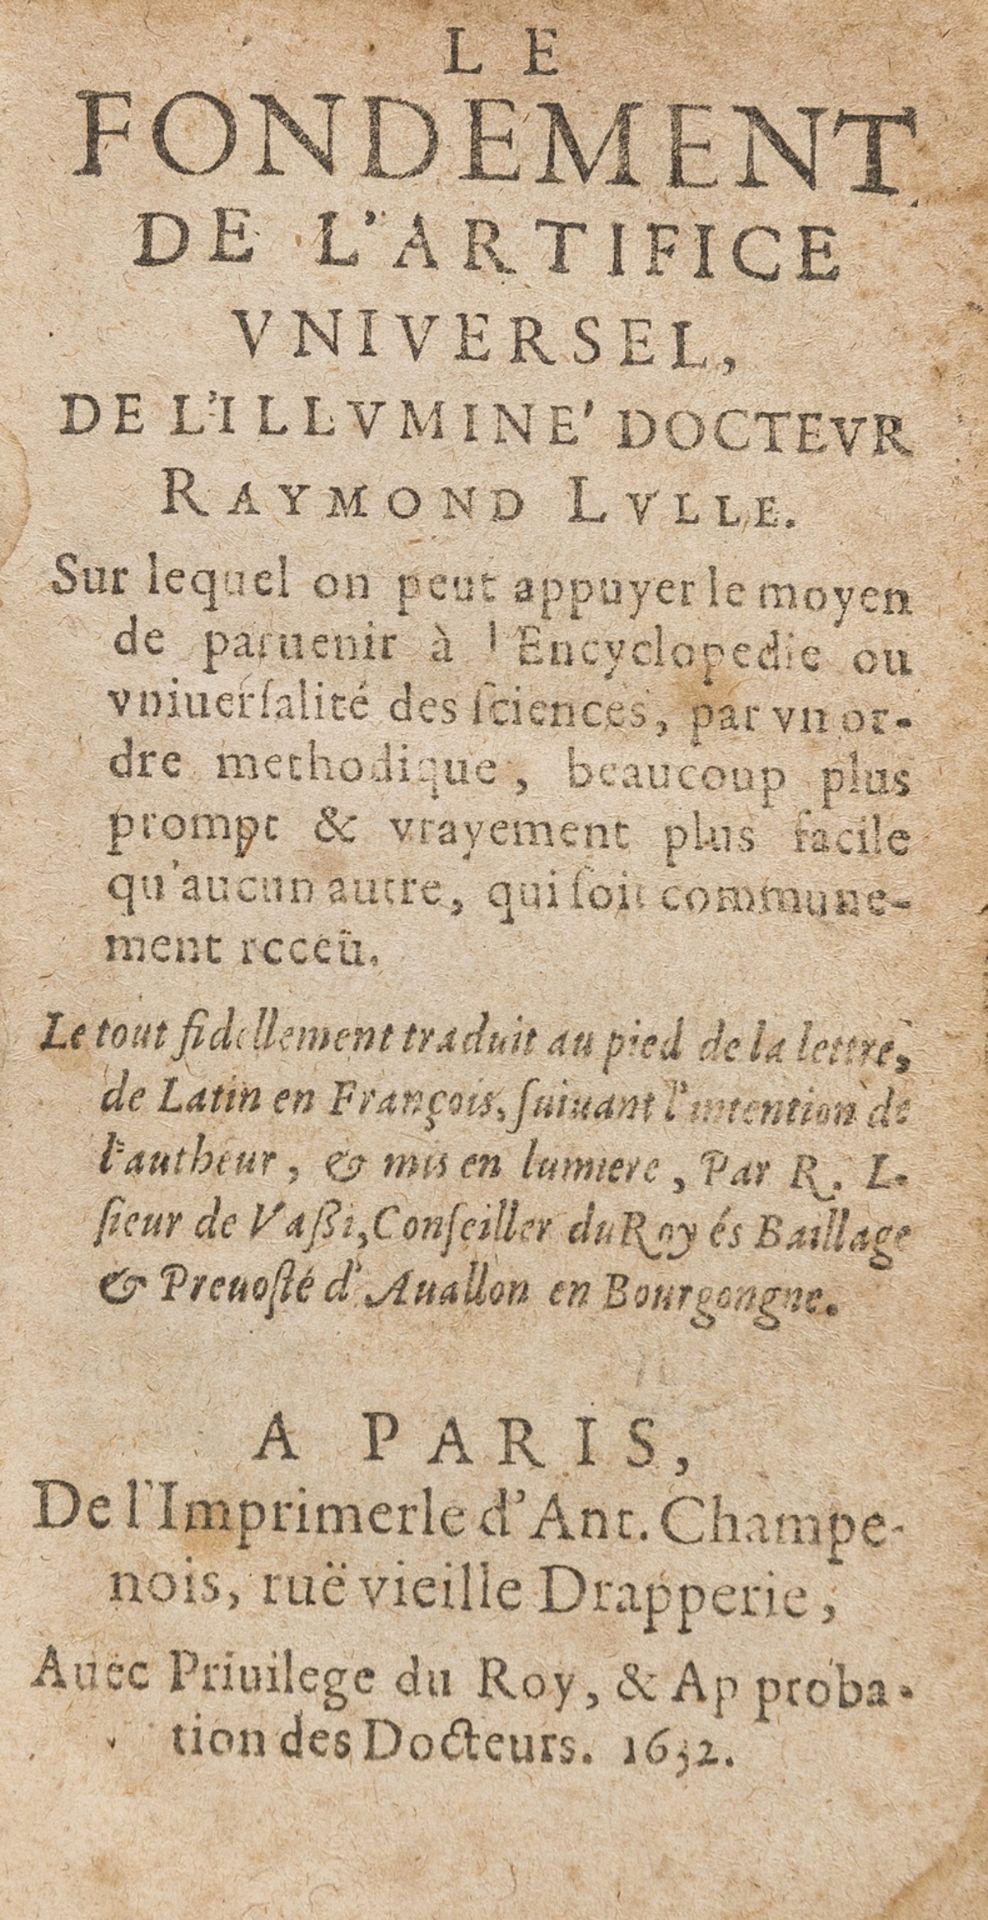 Lull (Raimond) Le Fondement de l'Artifice Universel, Paris, De l'Imprimerie d'Ant. Champenois, 1632.